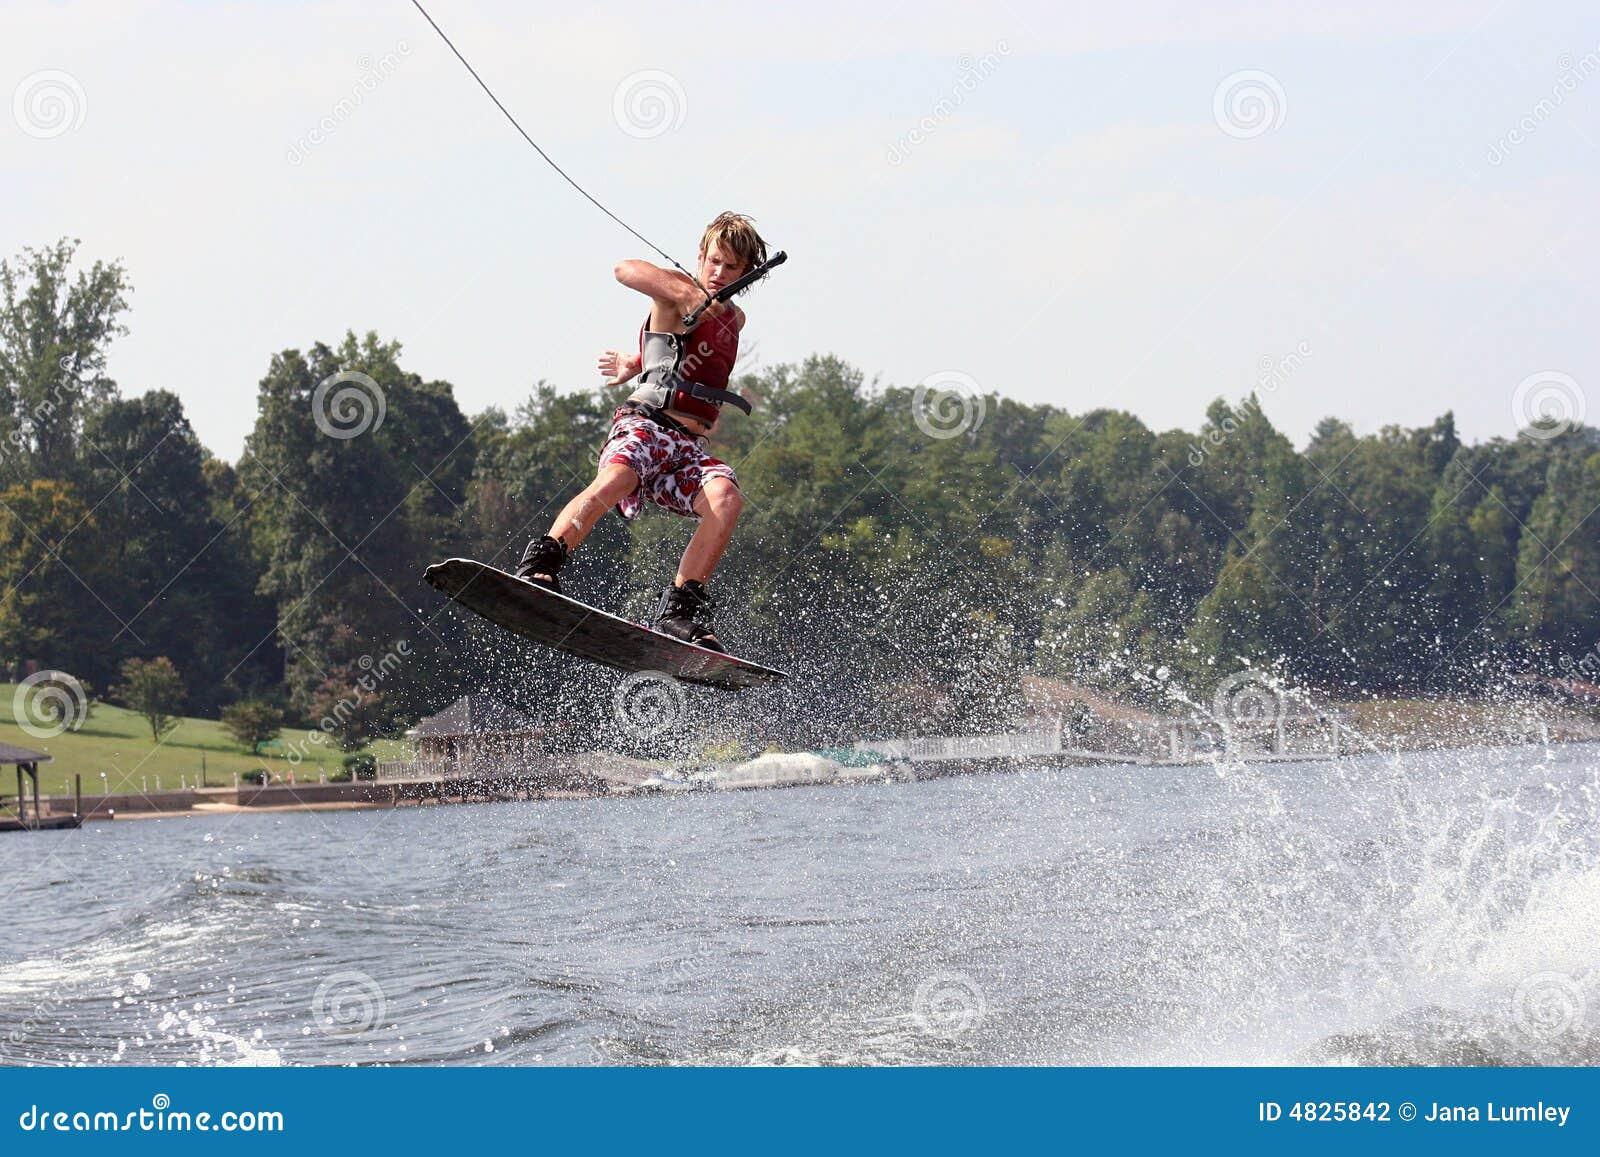 Wakeboard Sprung